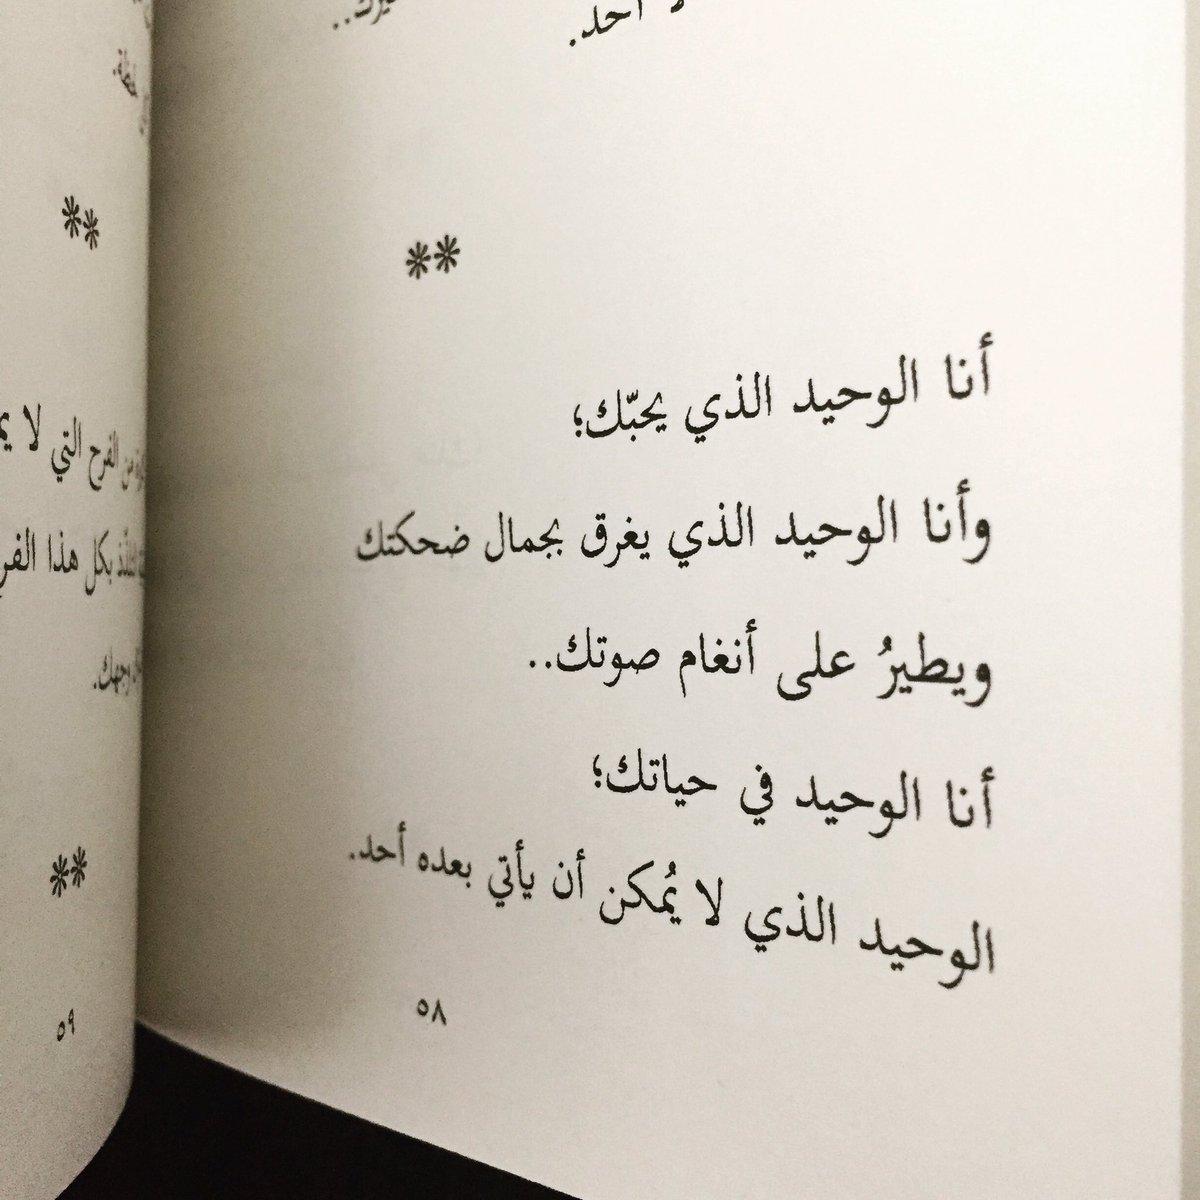 صورة جمل عن الحب قصيرة , كلمات جميلة حب 12690 11